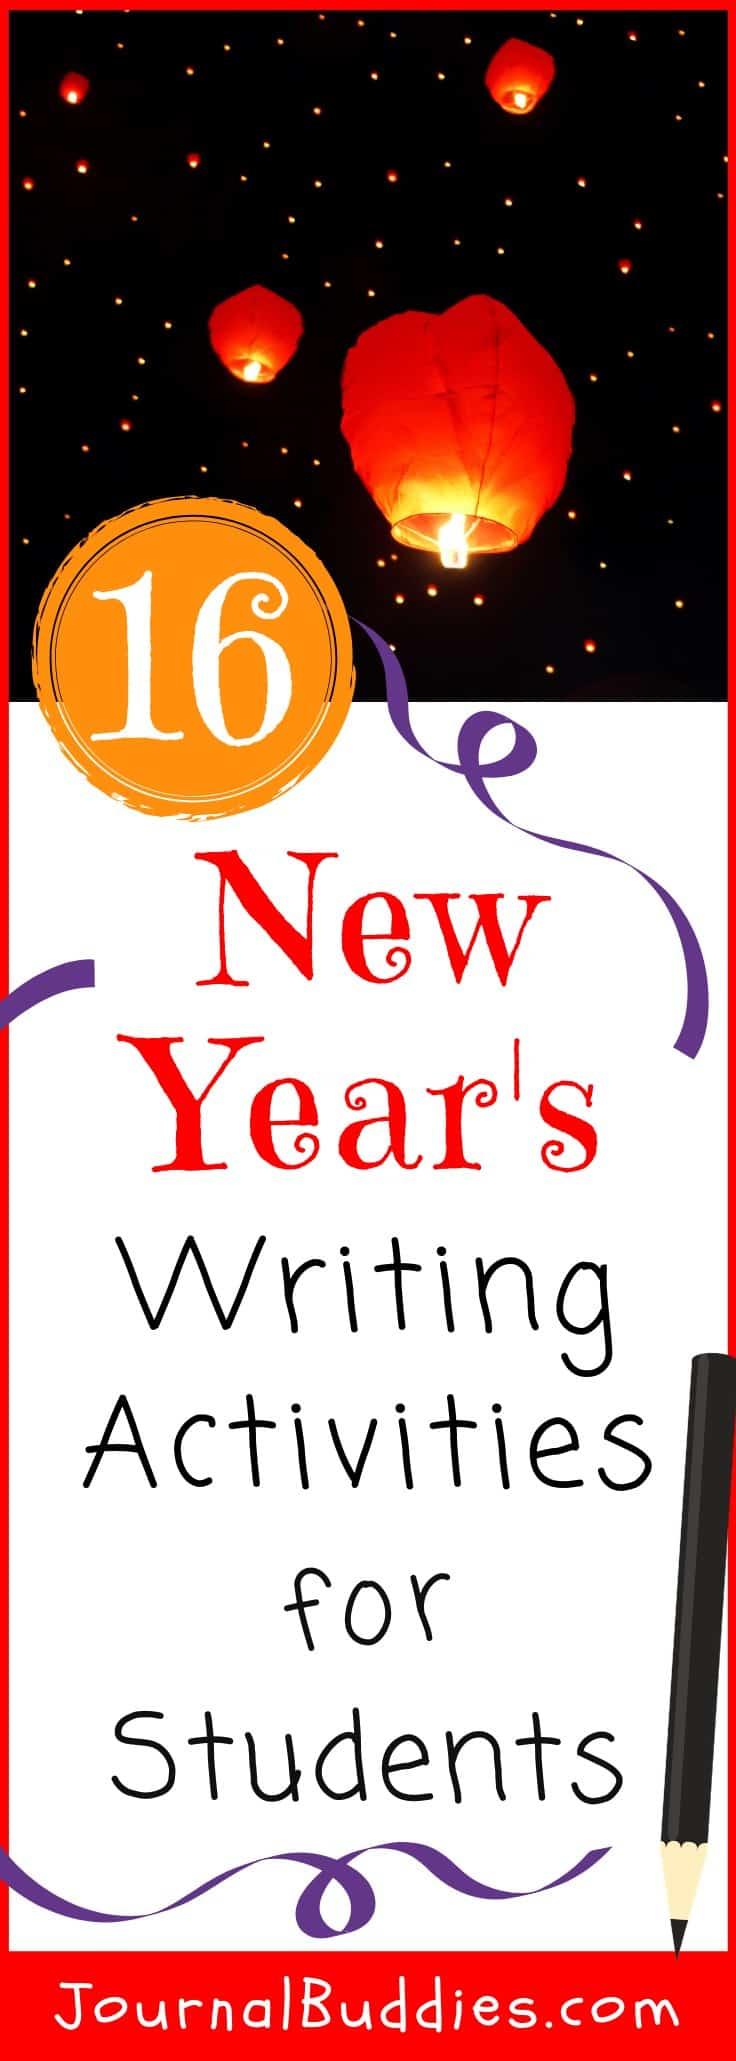 medium resolution of 16 New Years Writing Activities • JournalBuddies.com